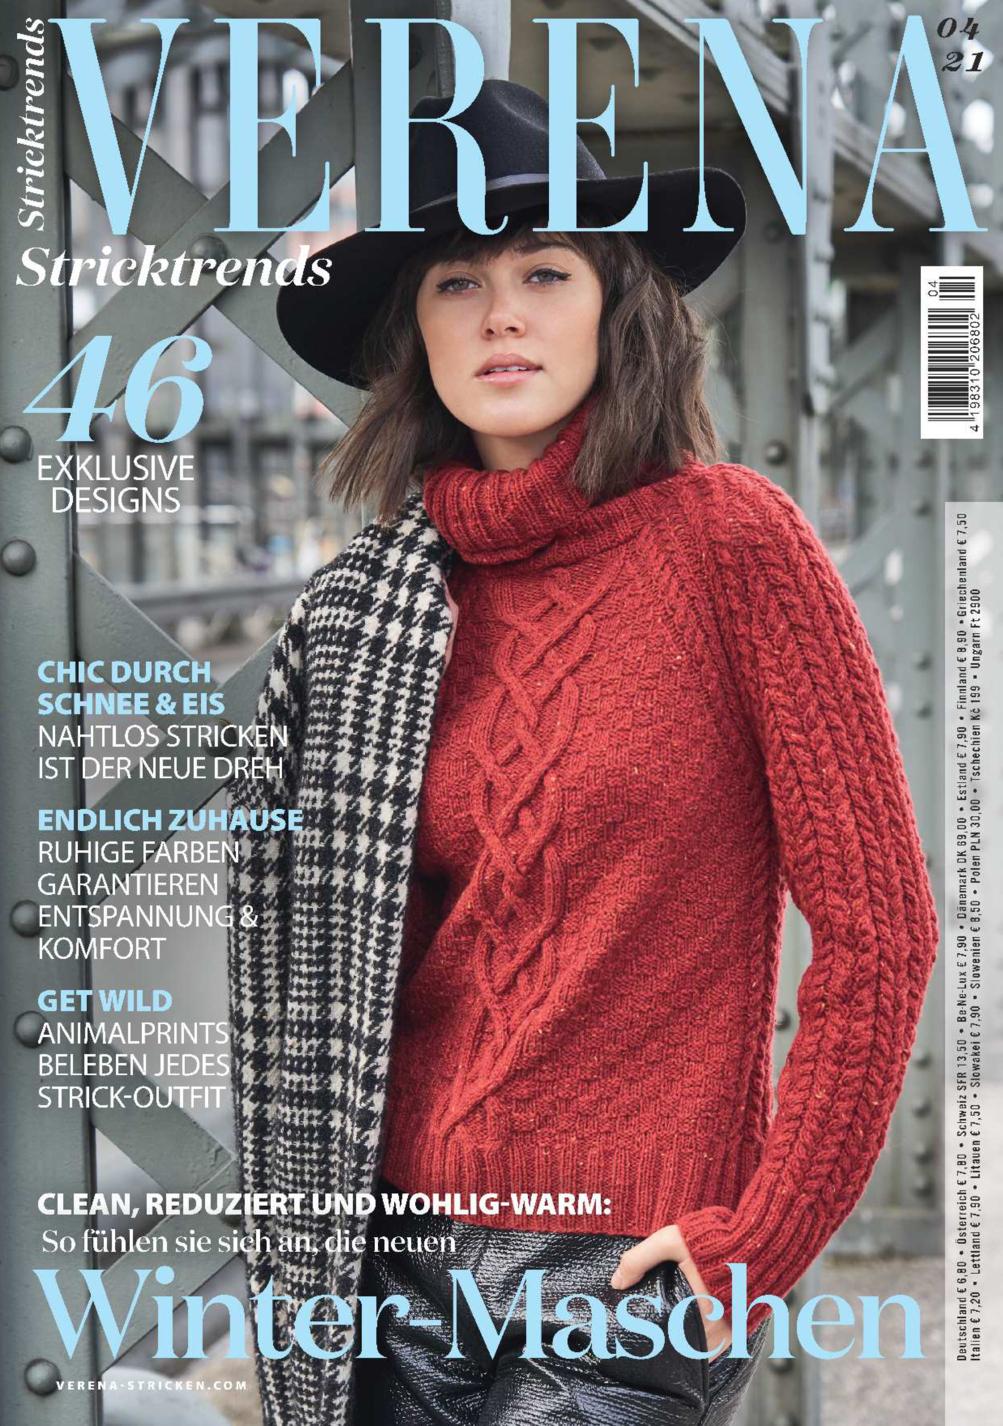 Verena Stricktrends 04/2021 - Winter-Maschen